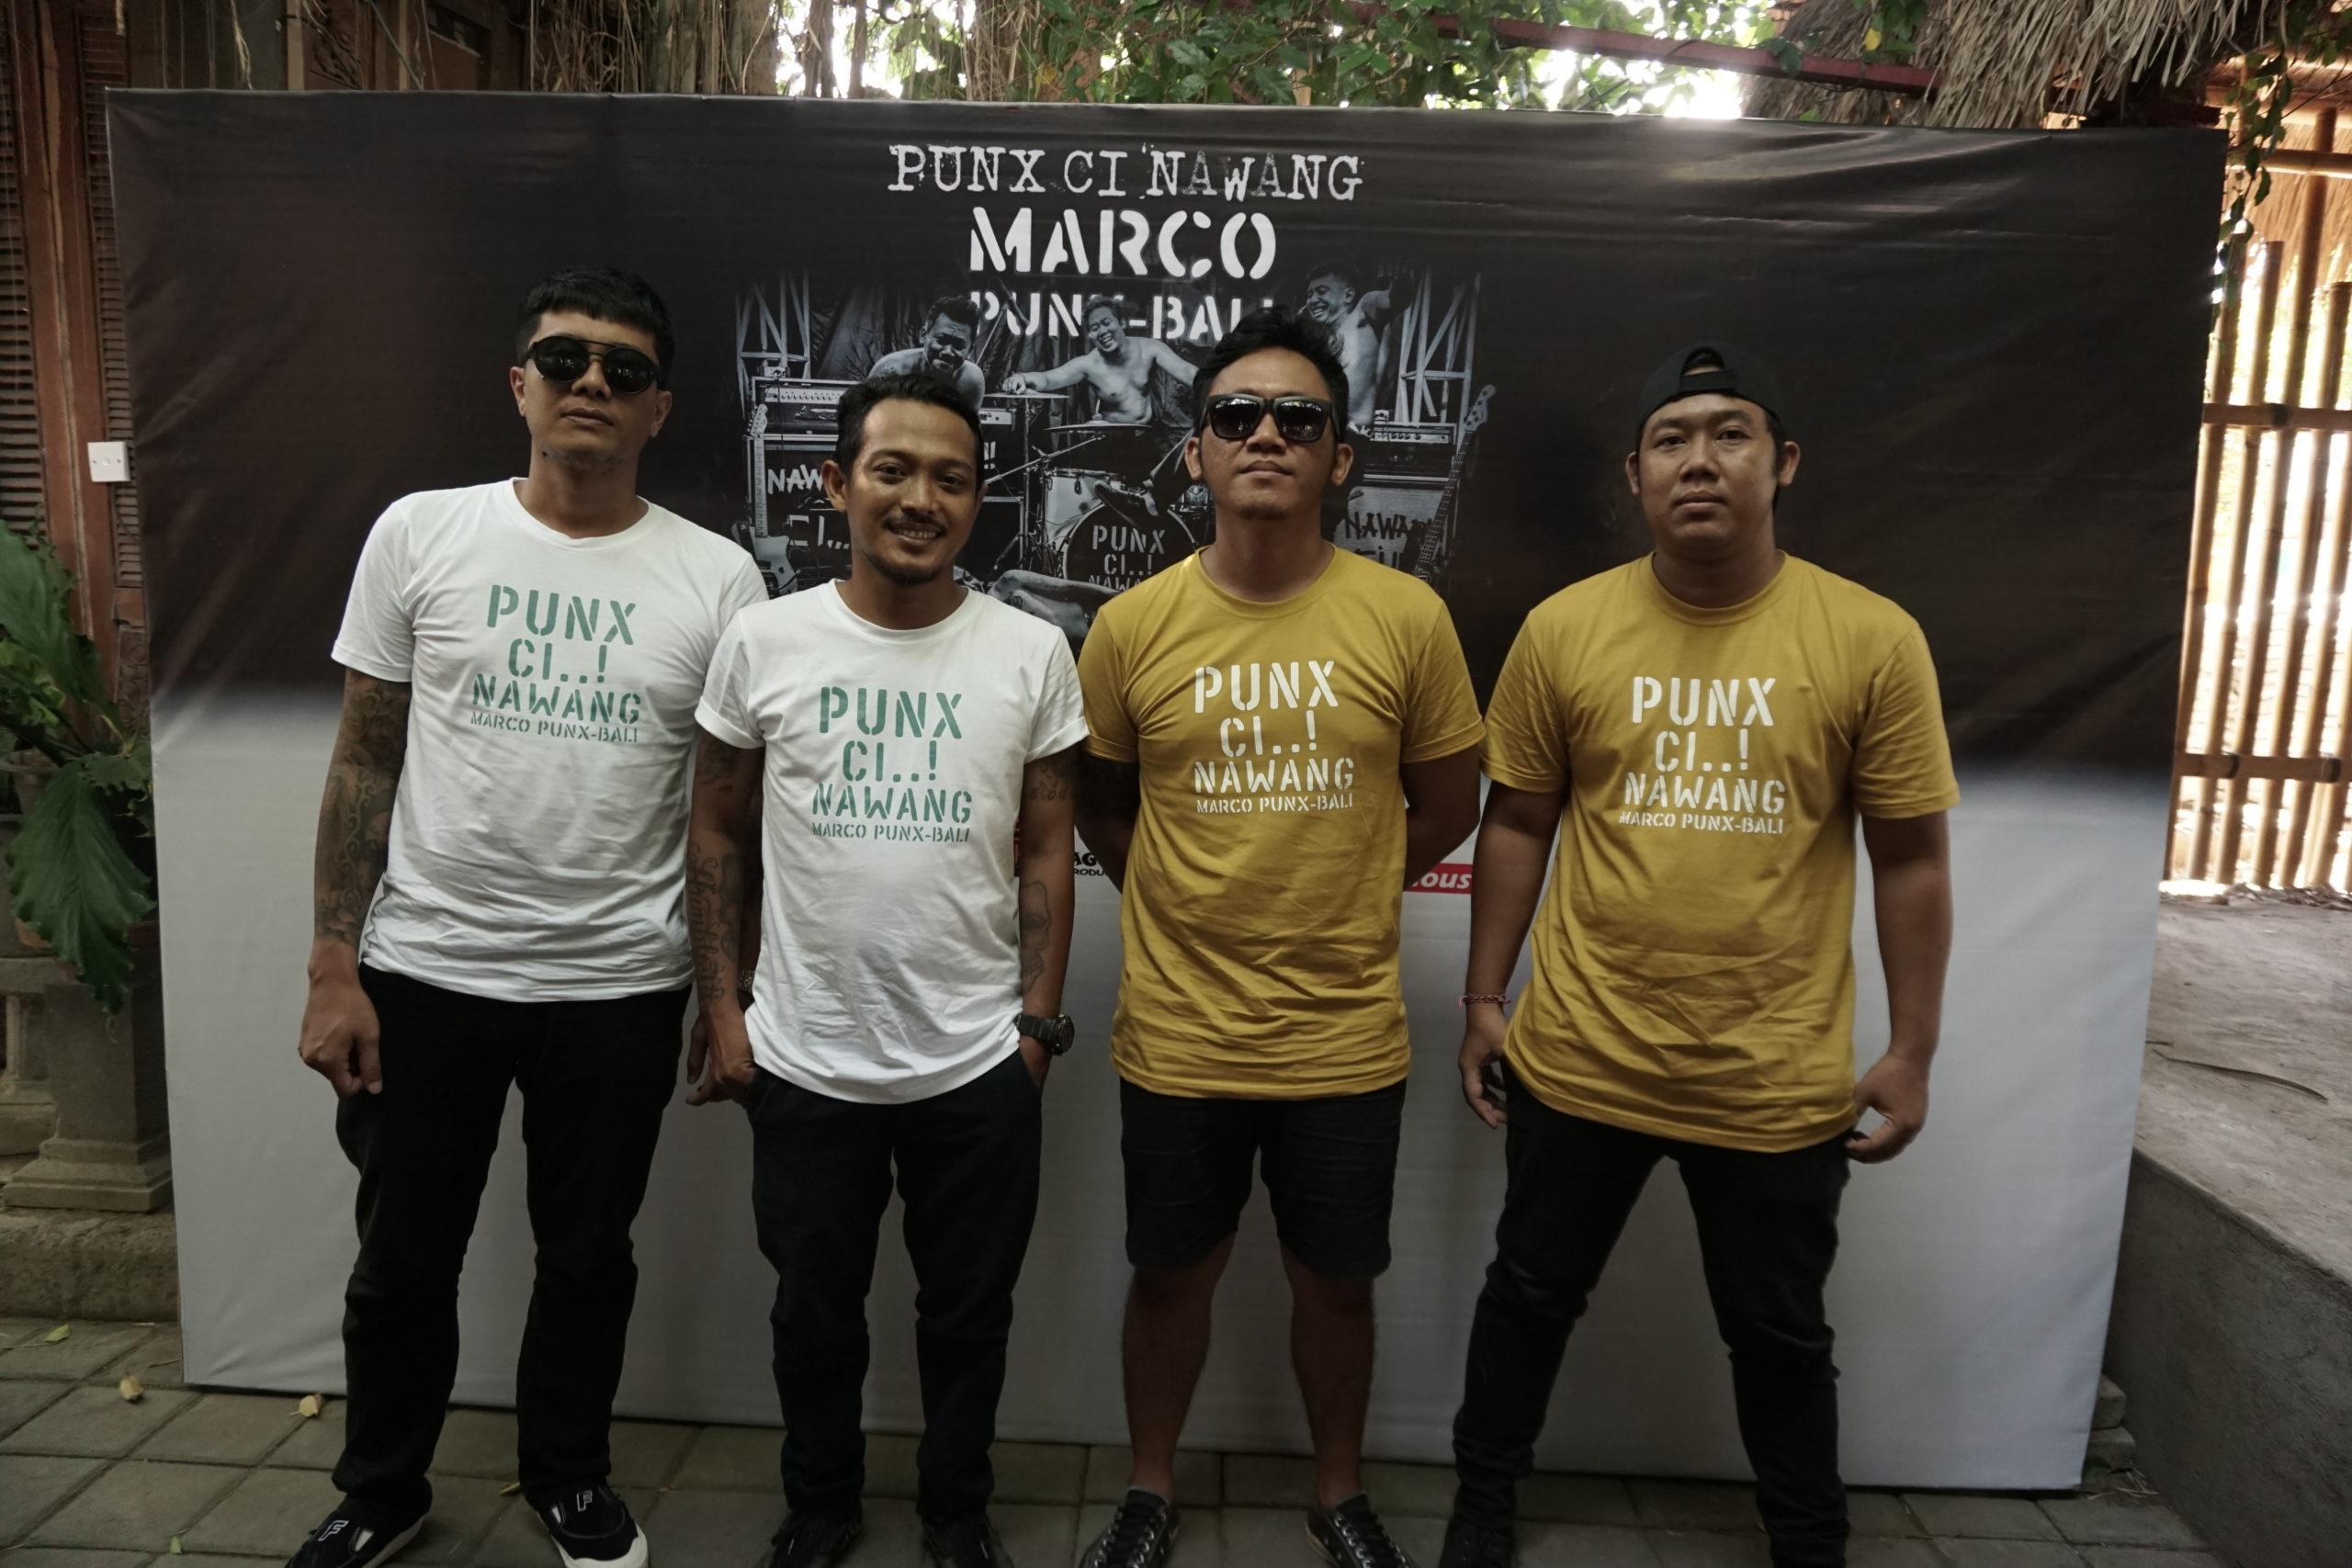 Marco Punk Bali rilis Single Pang Ci Nawang